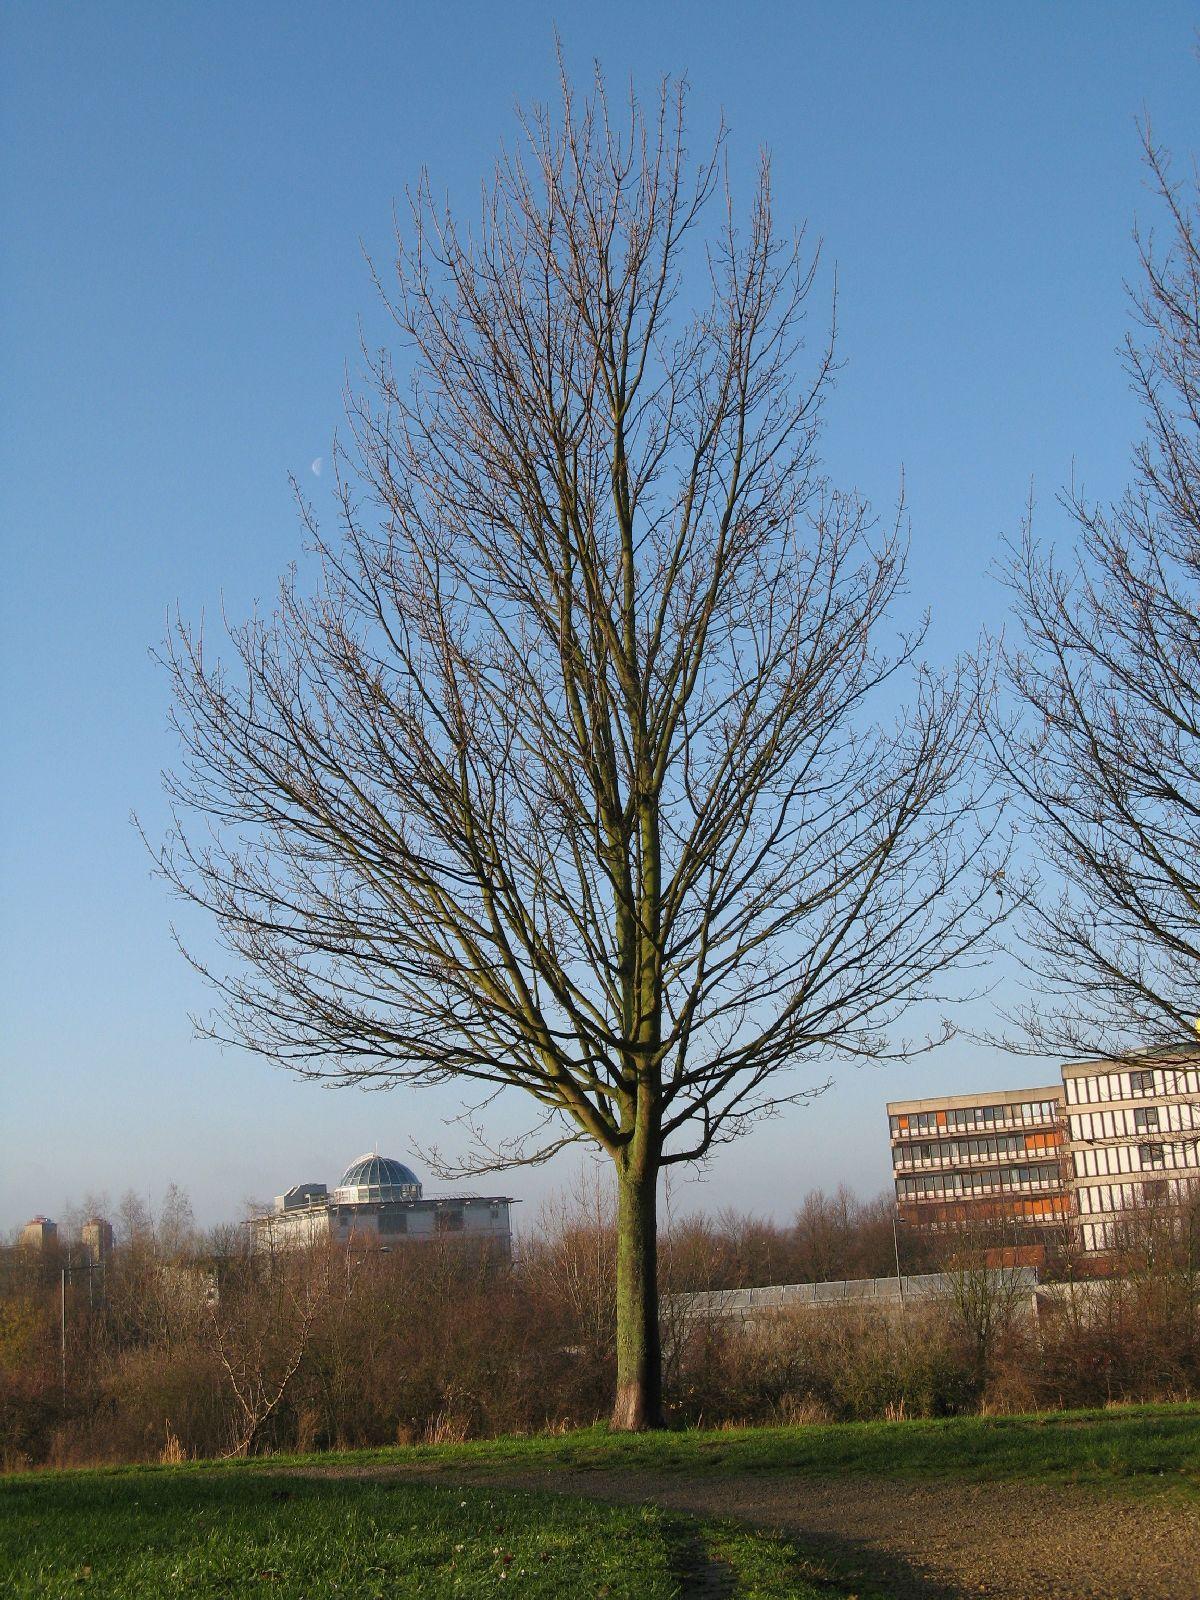 Pflanzen-Baum-Silhouette-Foto_Textur_B_12210